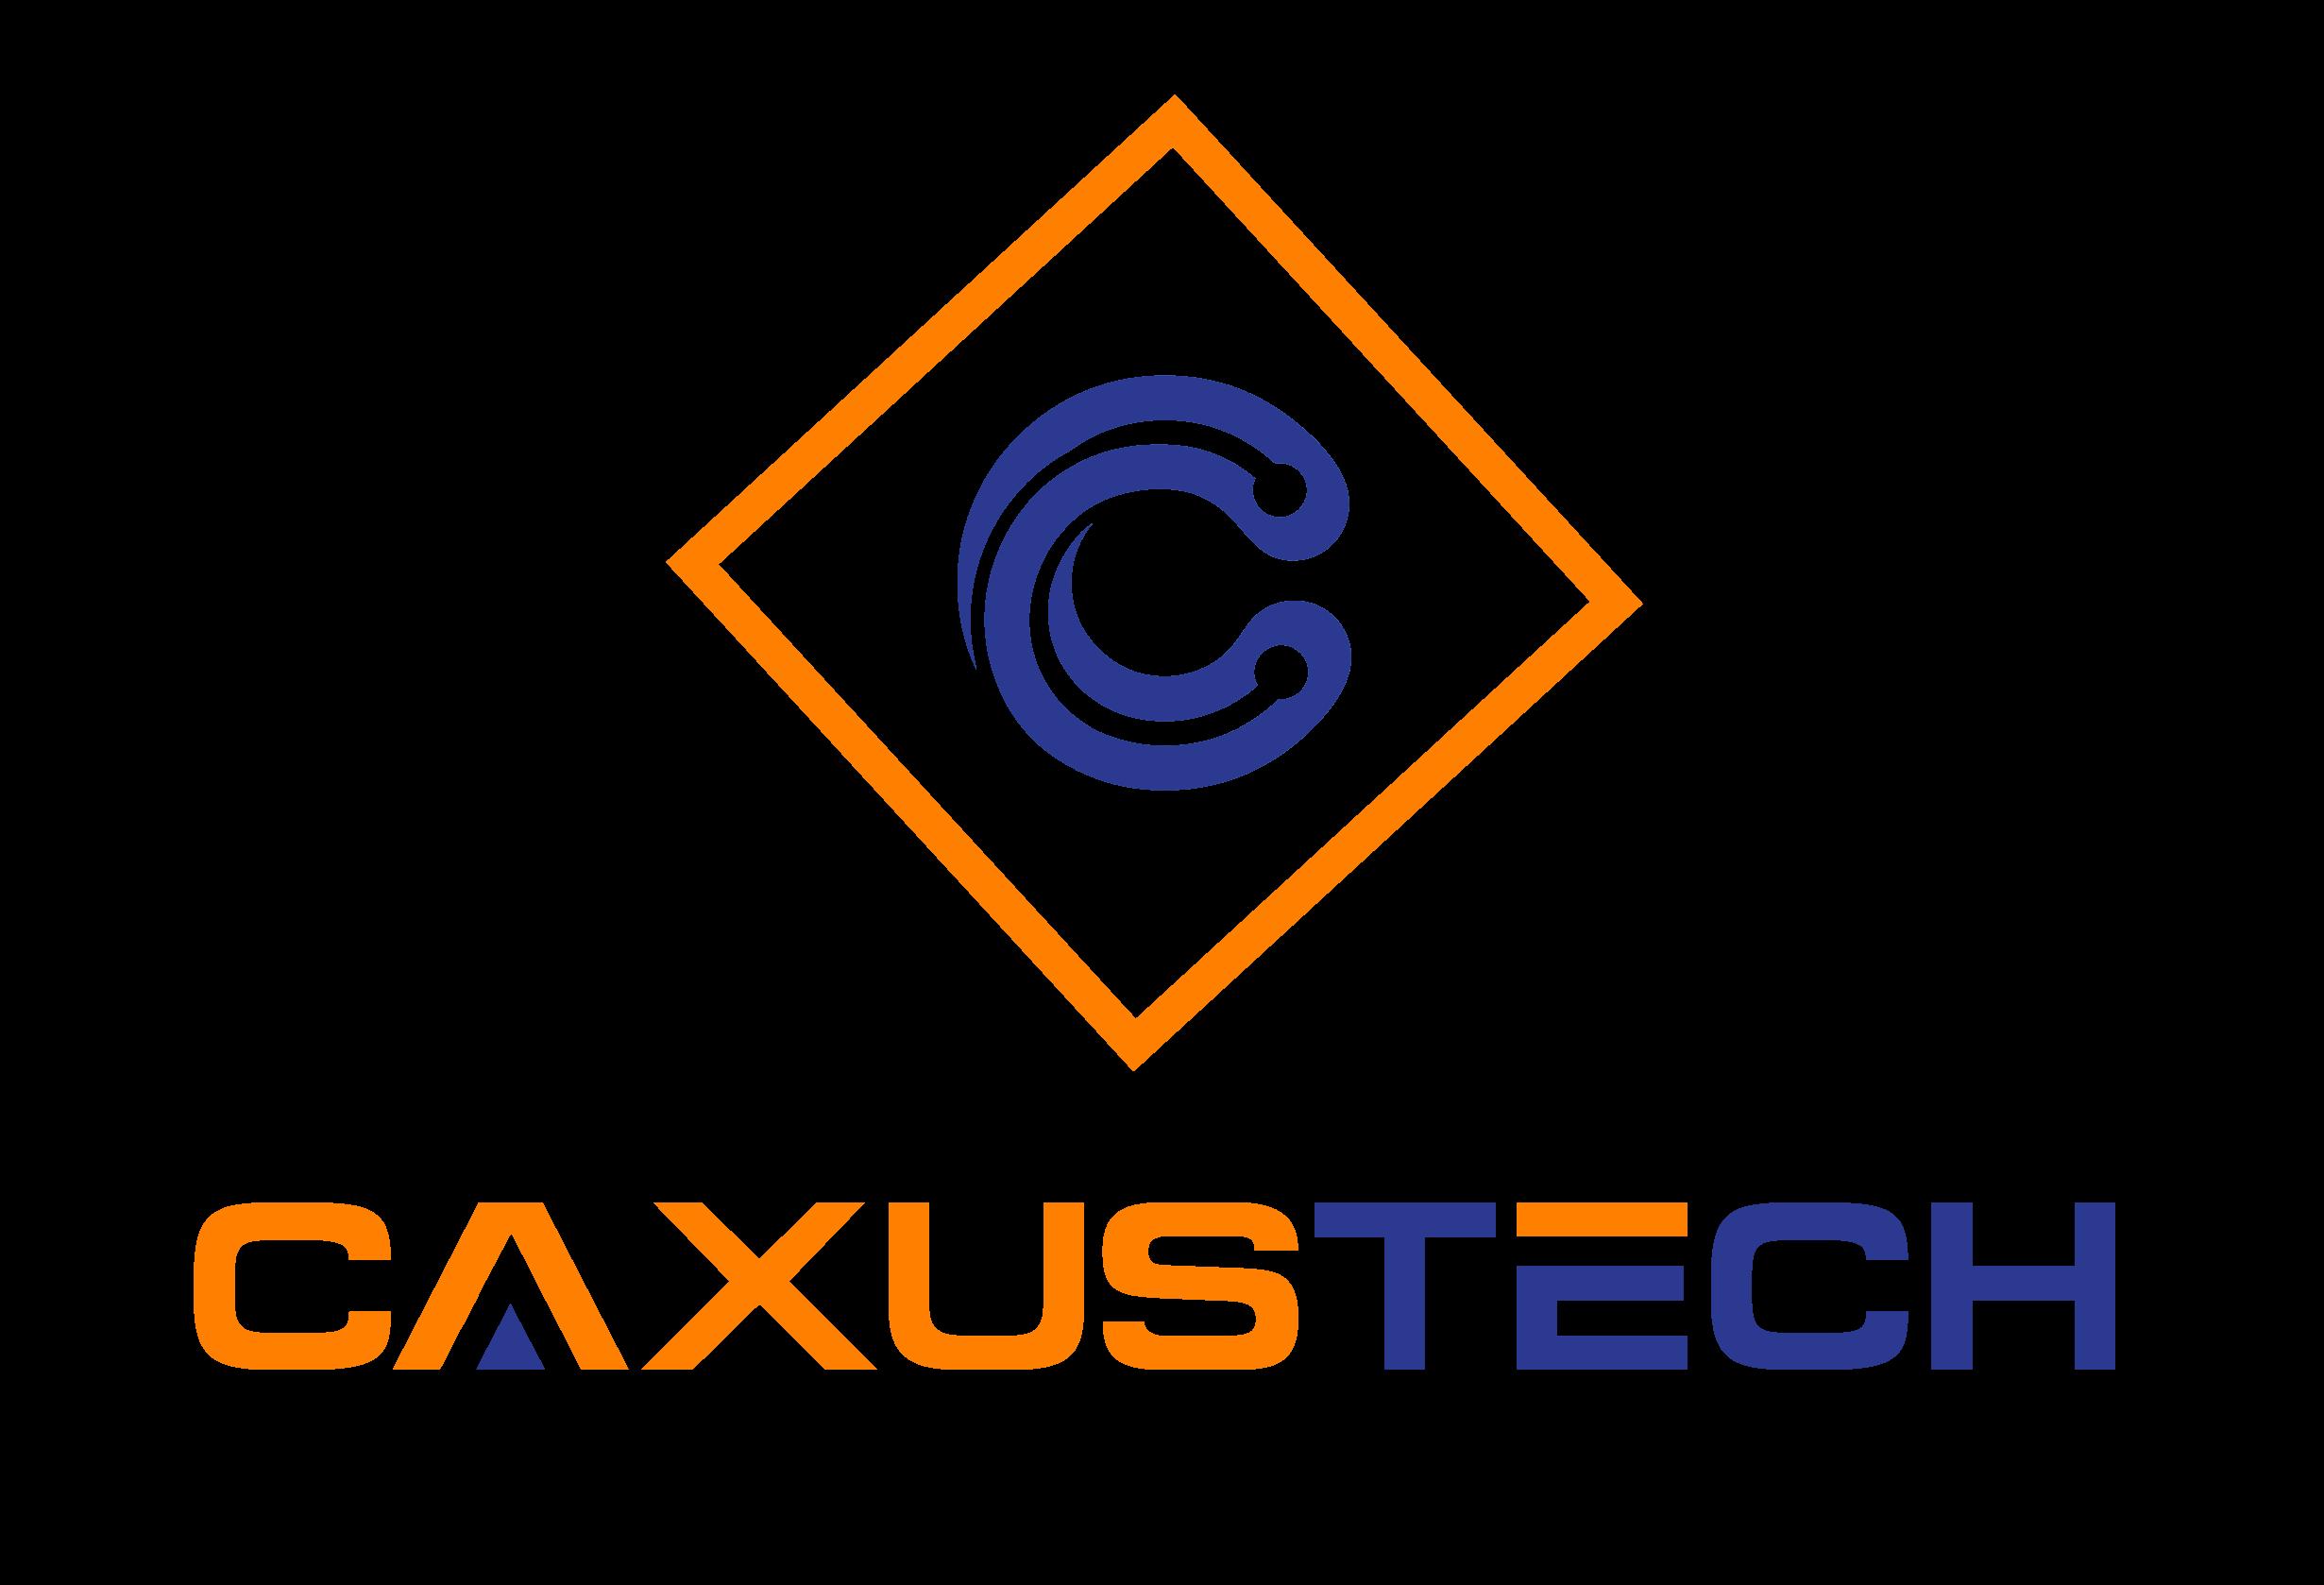 CaxusTech Inc